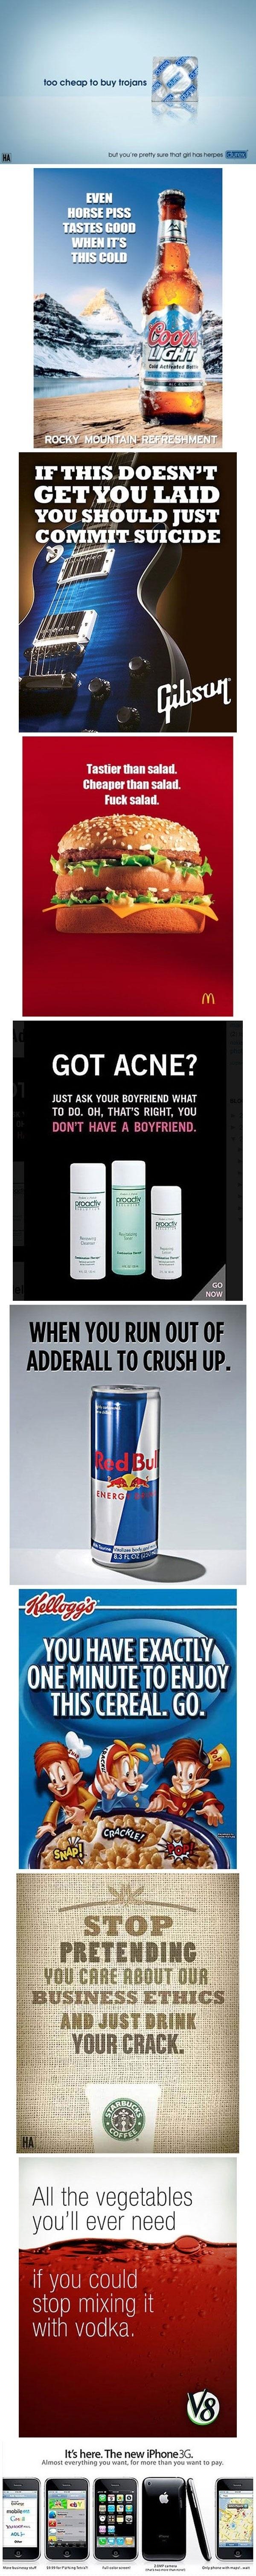 If ads were honest